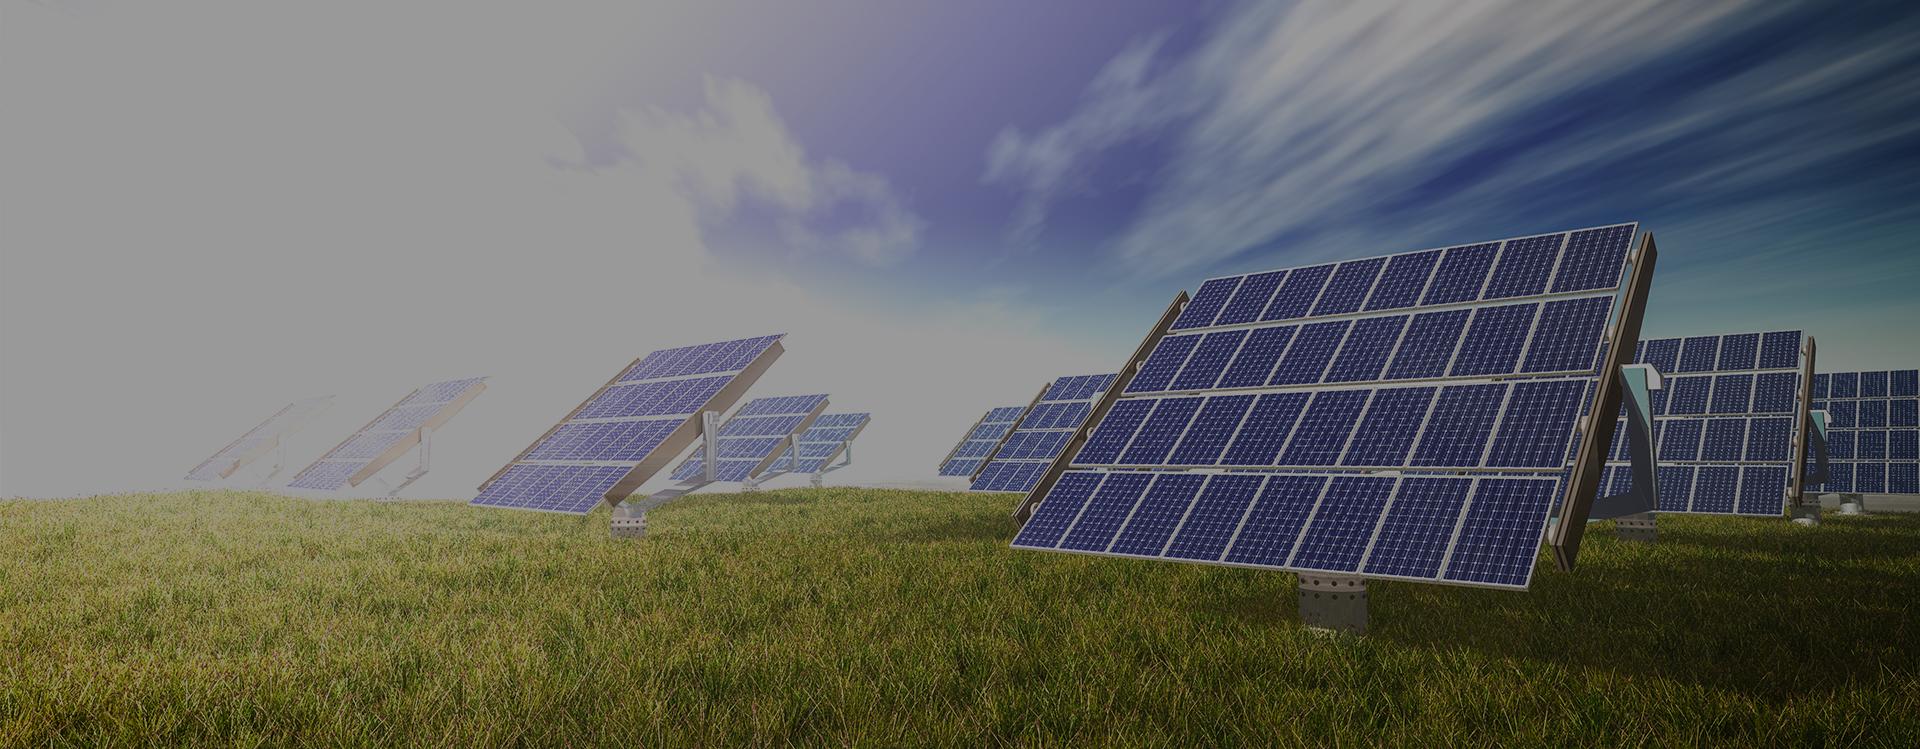 many solar